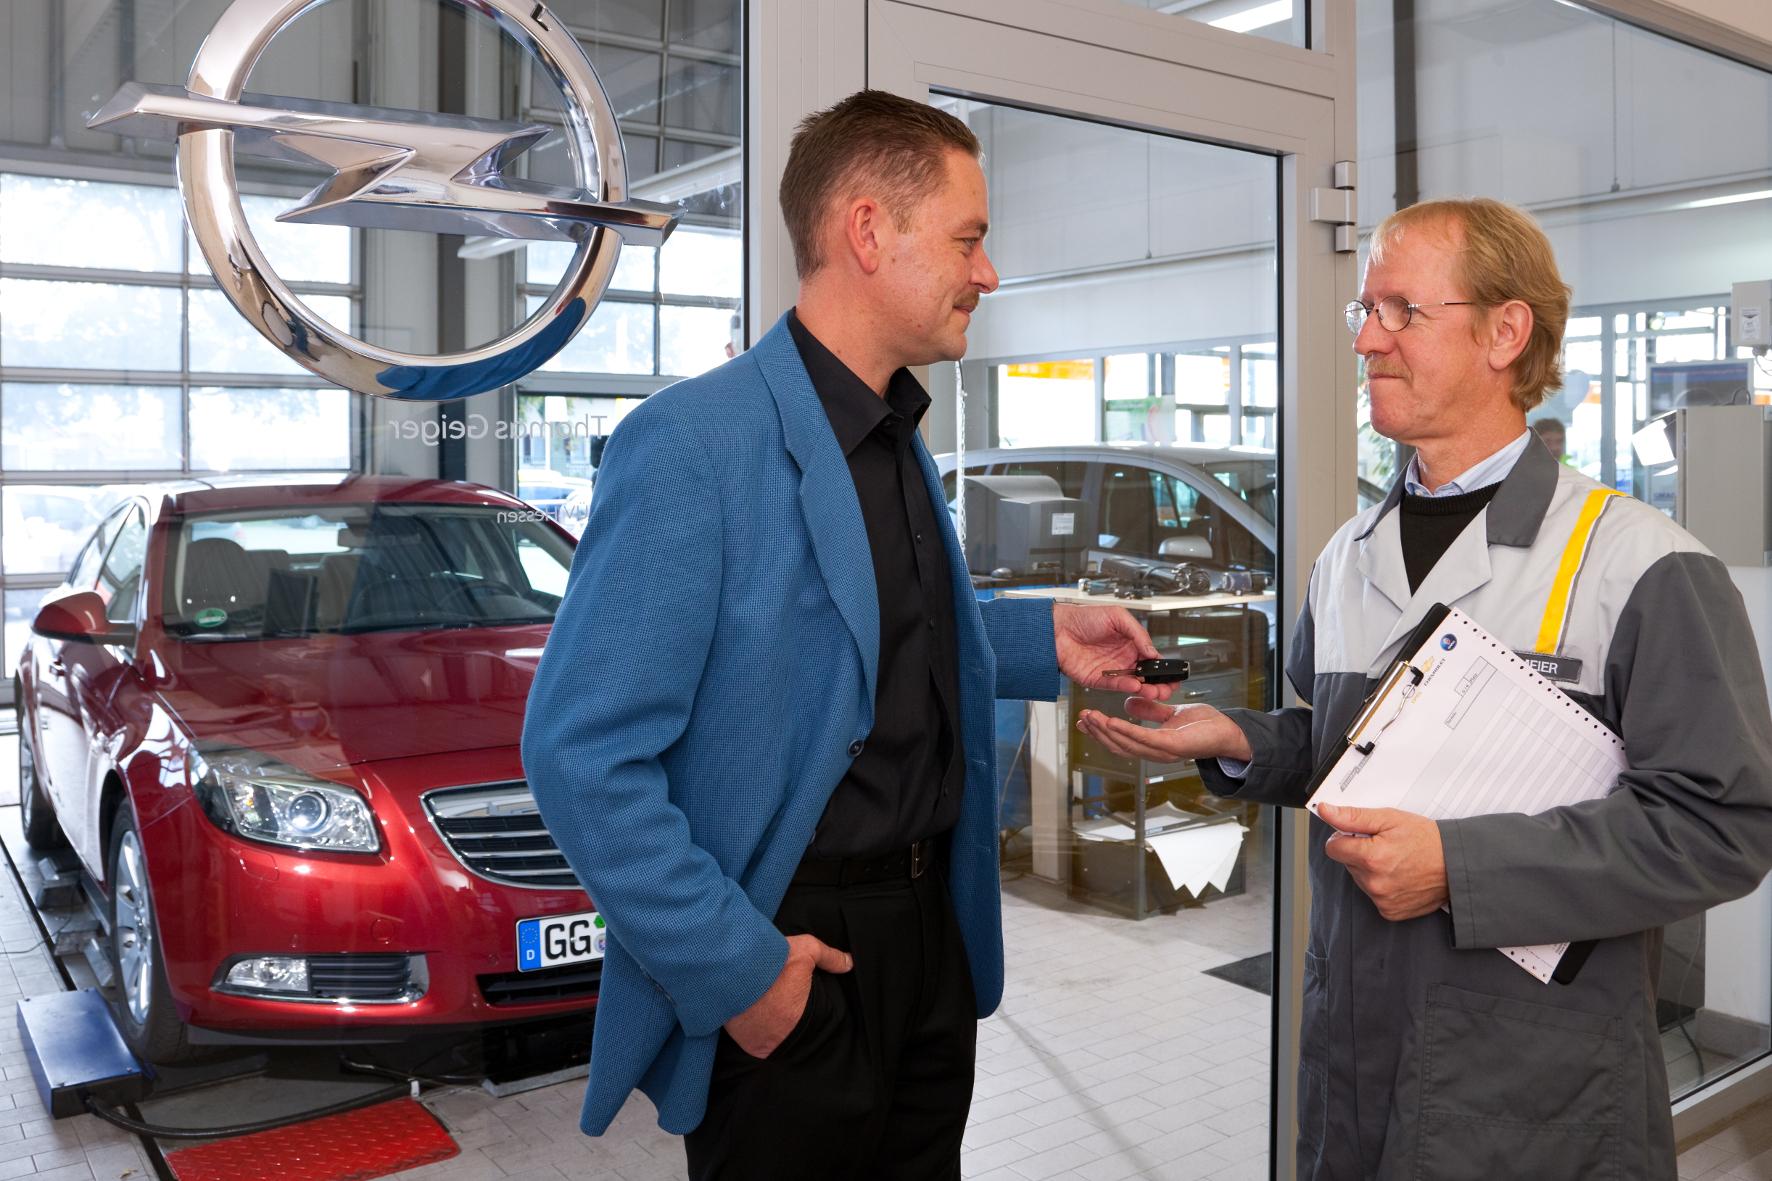 mid Groß-Gerau - Bei einer Umfrage zum Service und Preis-Leistungs-Verhältnis von Kfz-Werkstätten belegt Opel in der Gesamtwertung Platz eins.